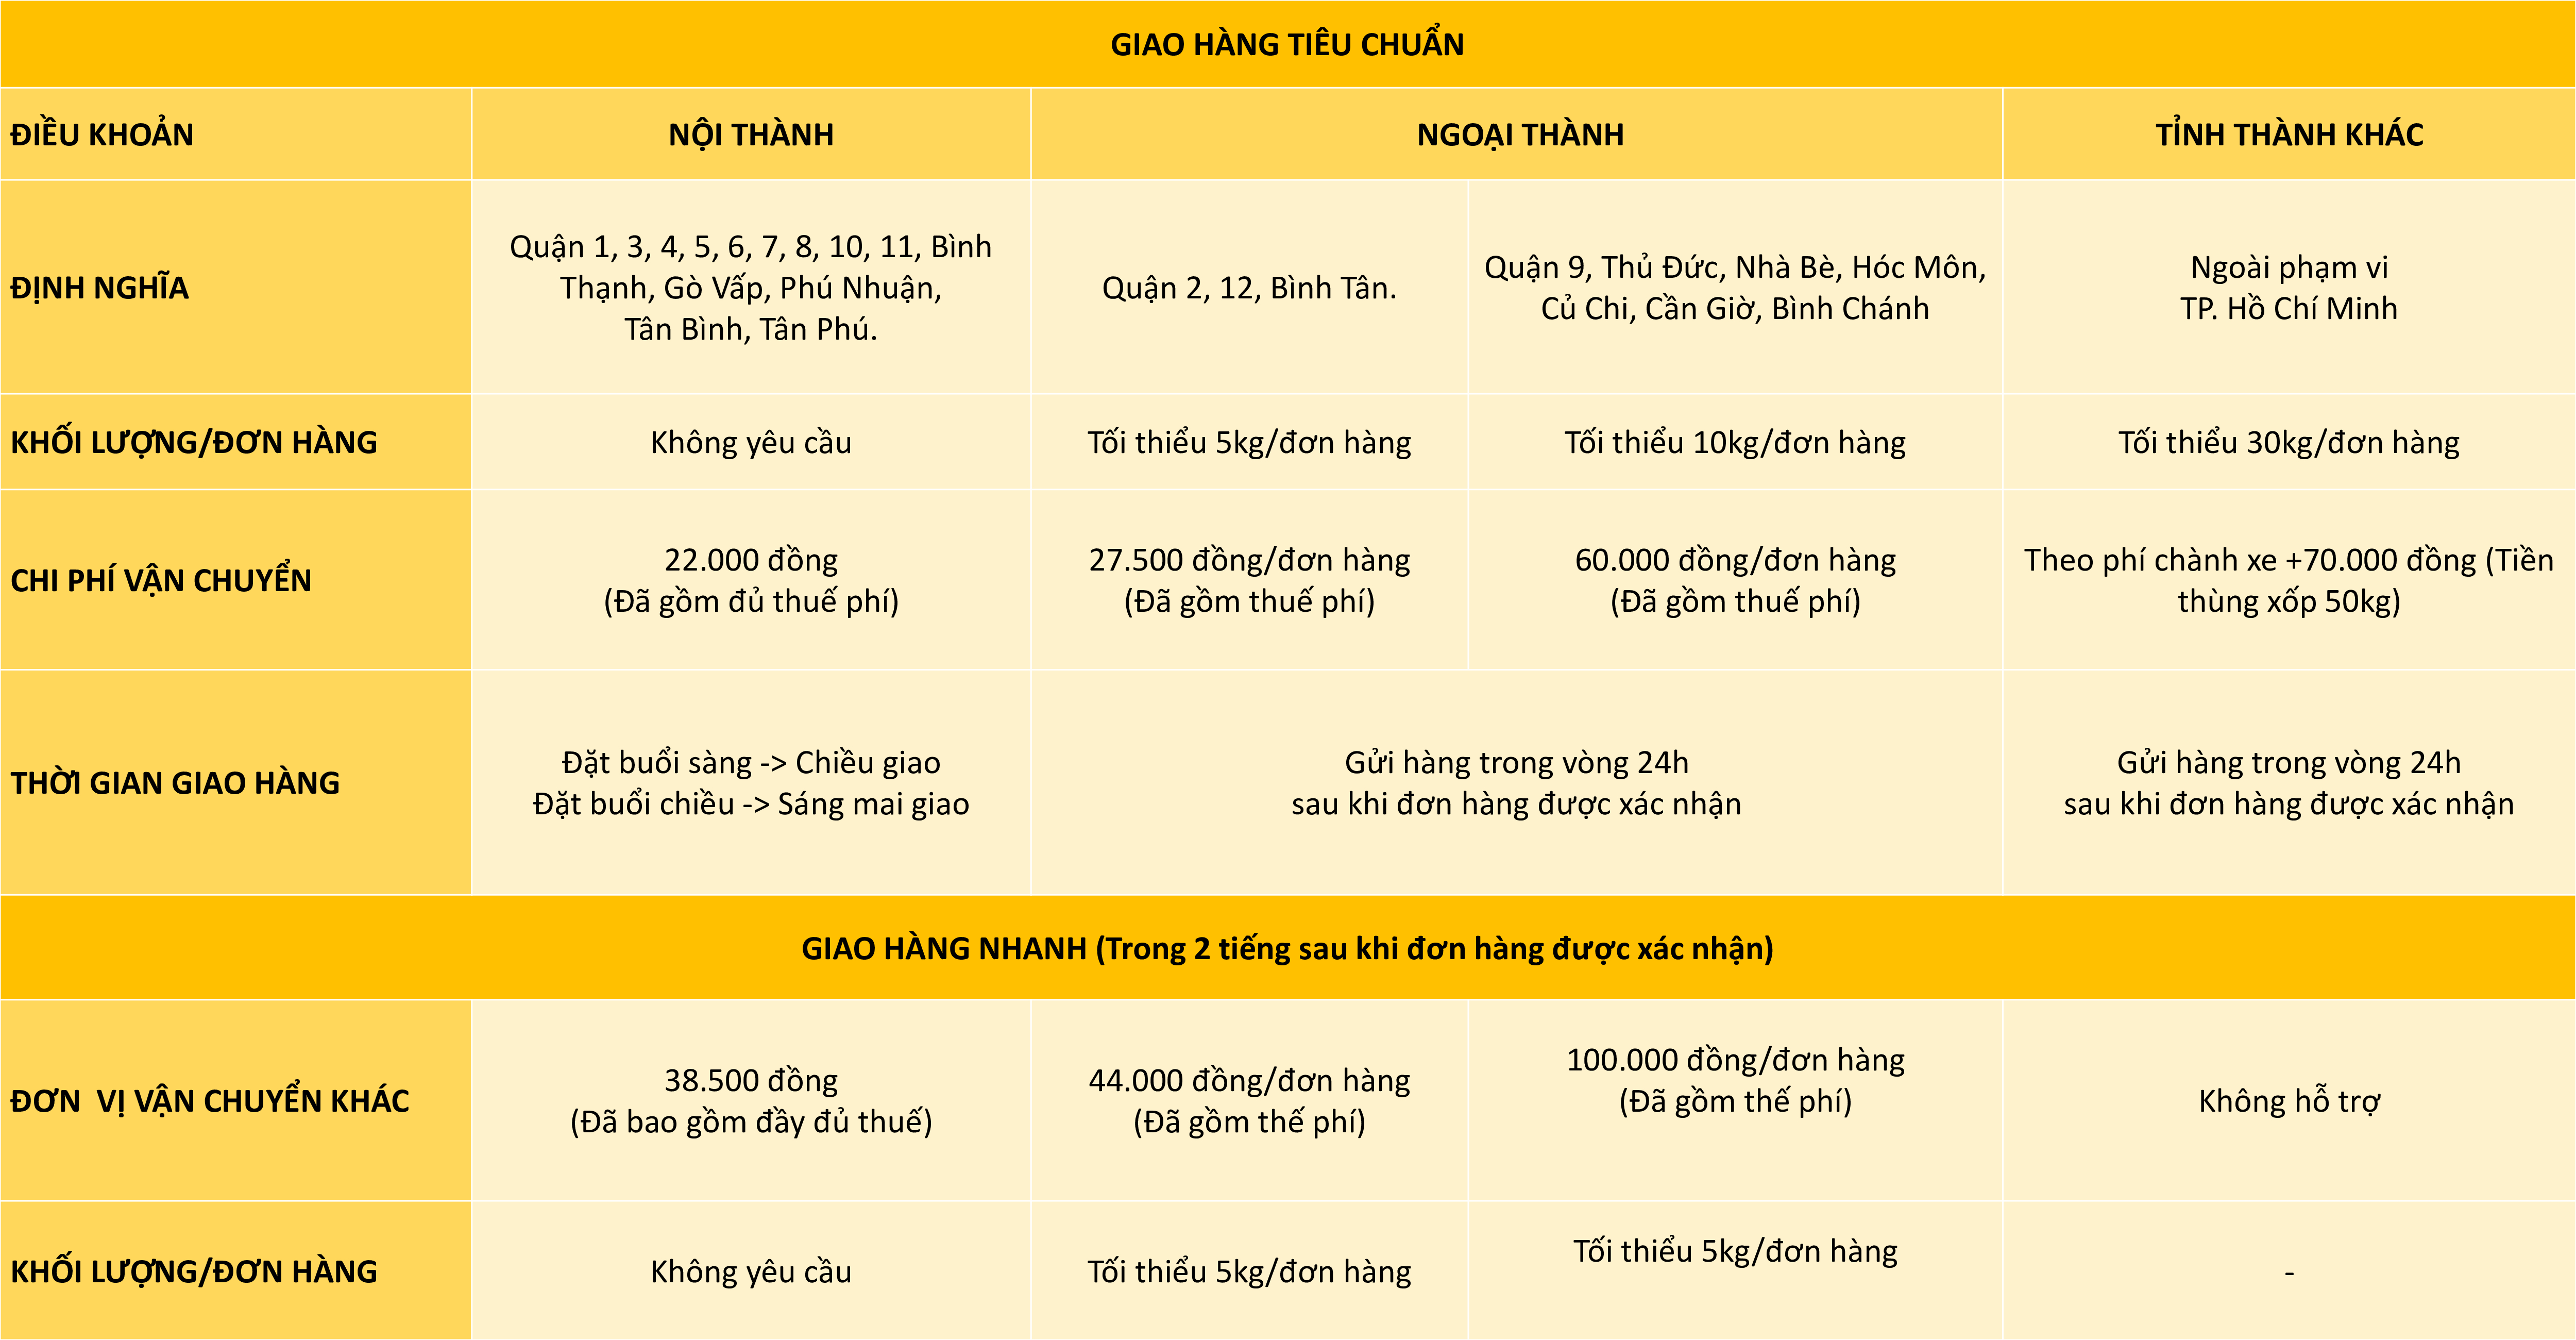 chinh-sach-giao-hang-tai-nguyen-ha-food